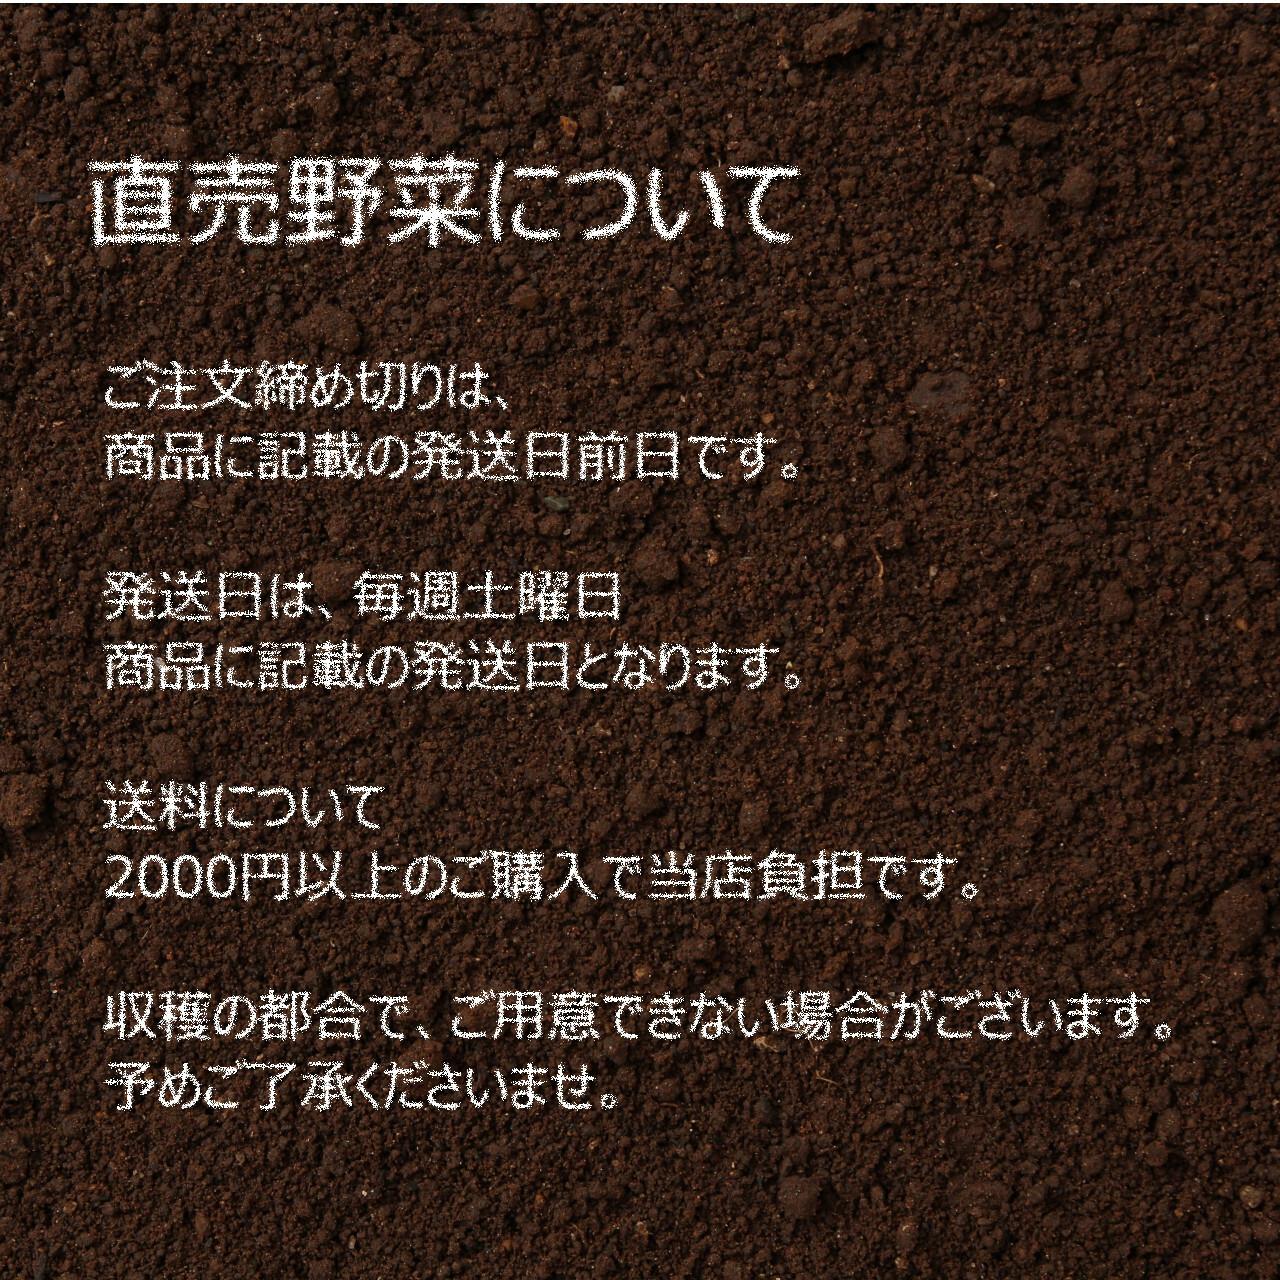 7月の朝採り直売野菜 : オクラ 約100g 7月の新鮮夏野菜 7月25日発送予定